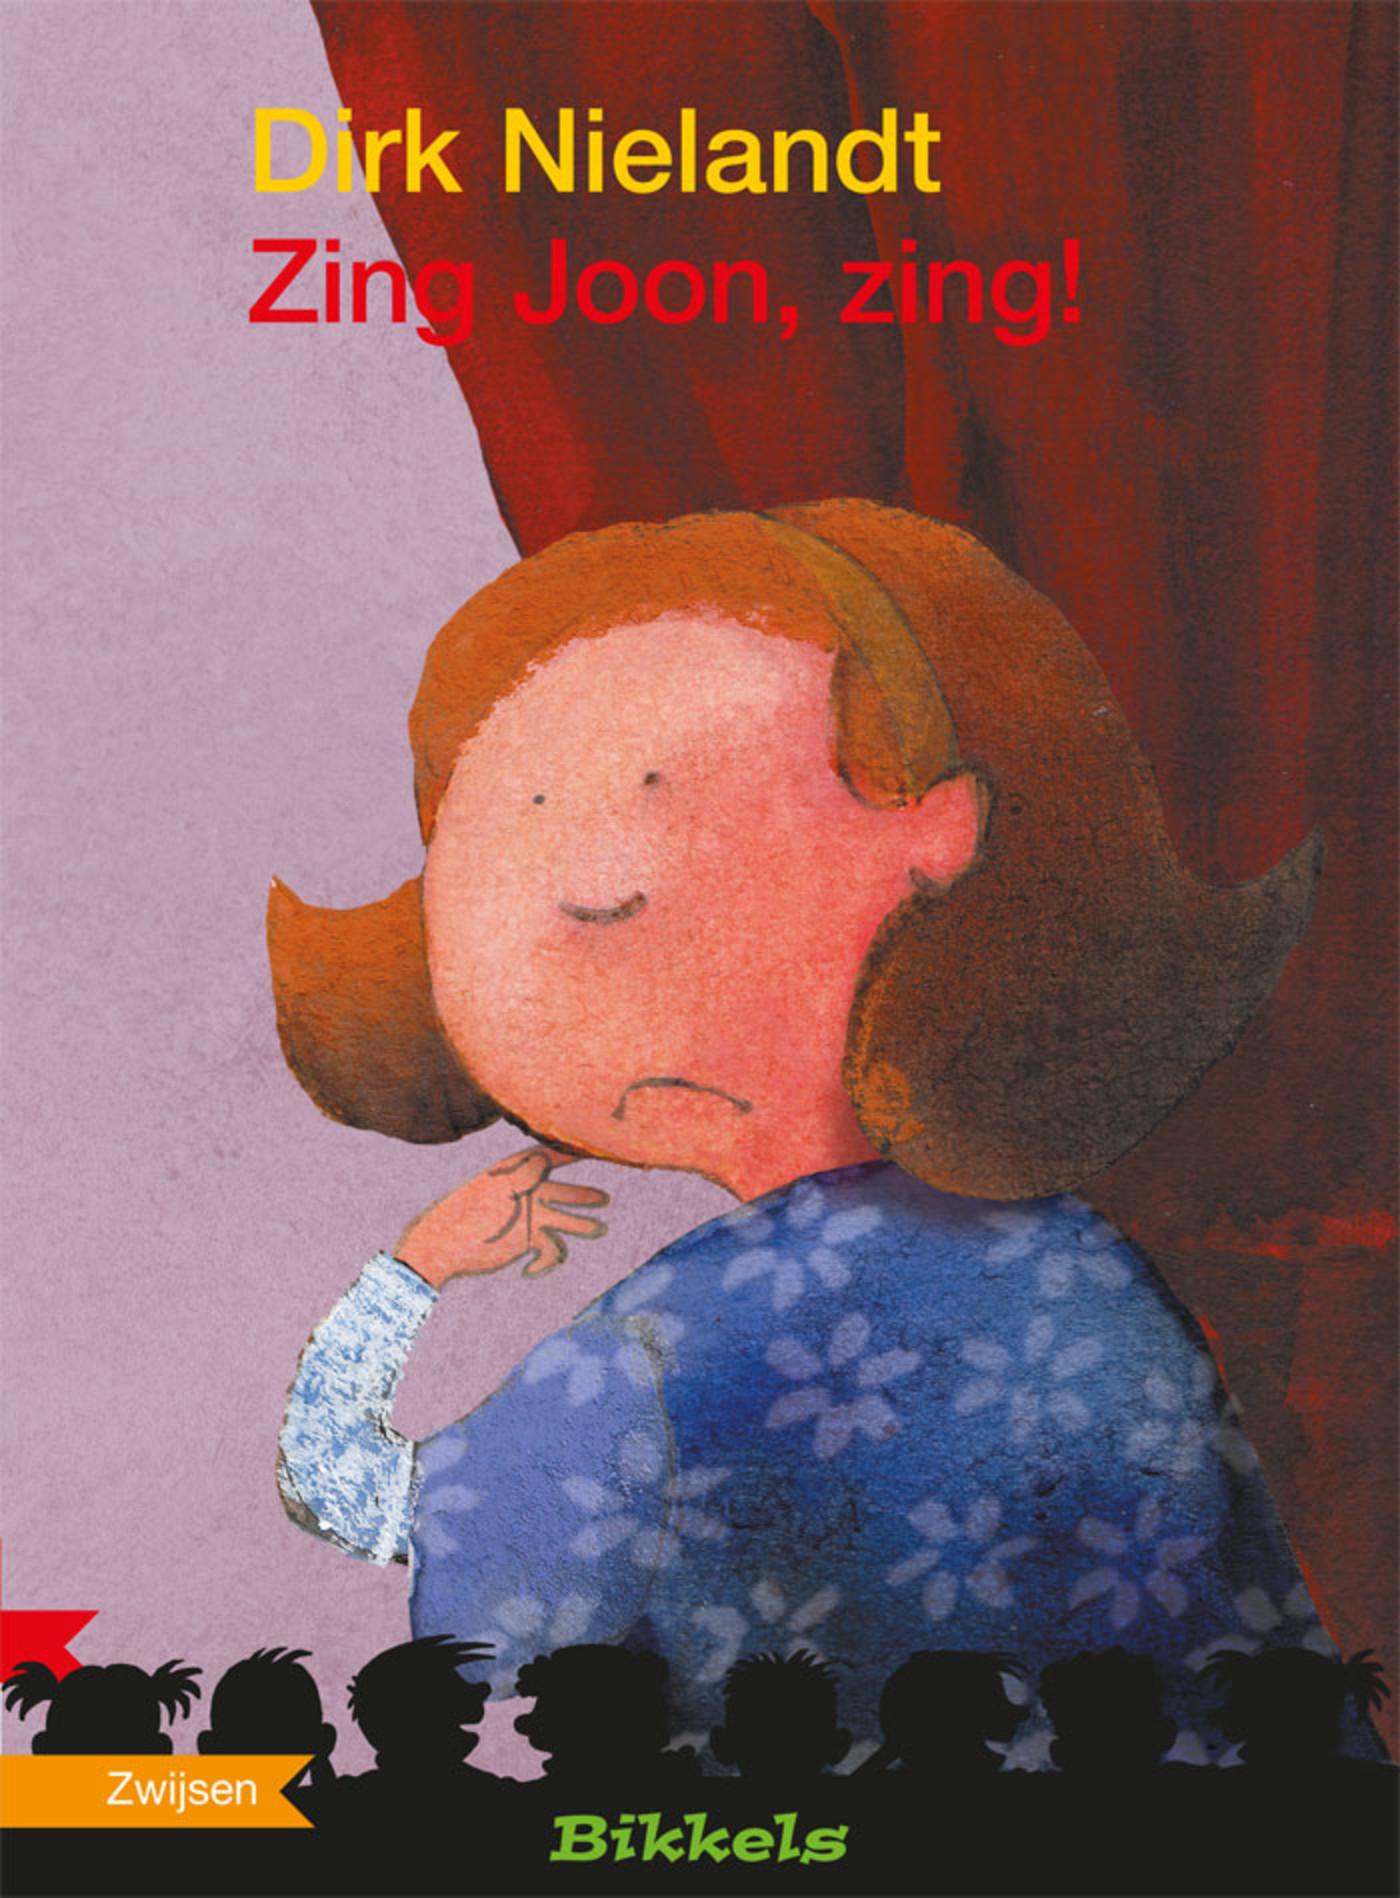 ZING JOON,ZING!